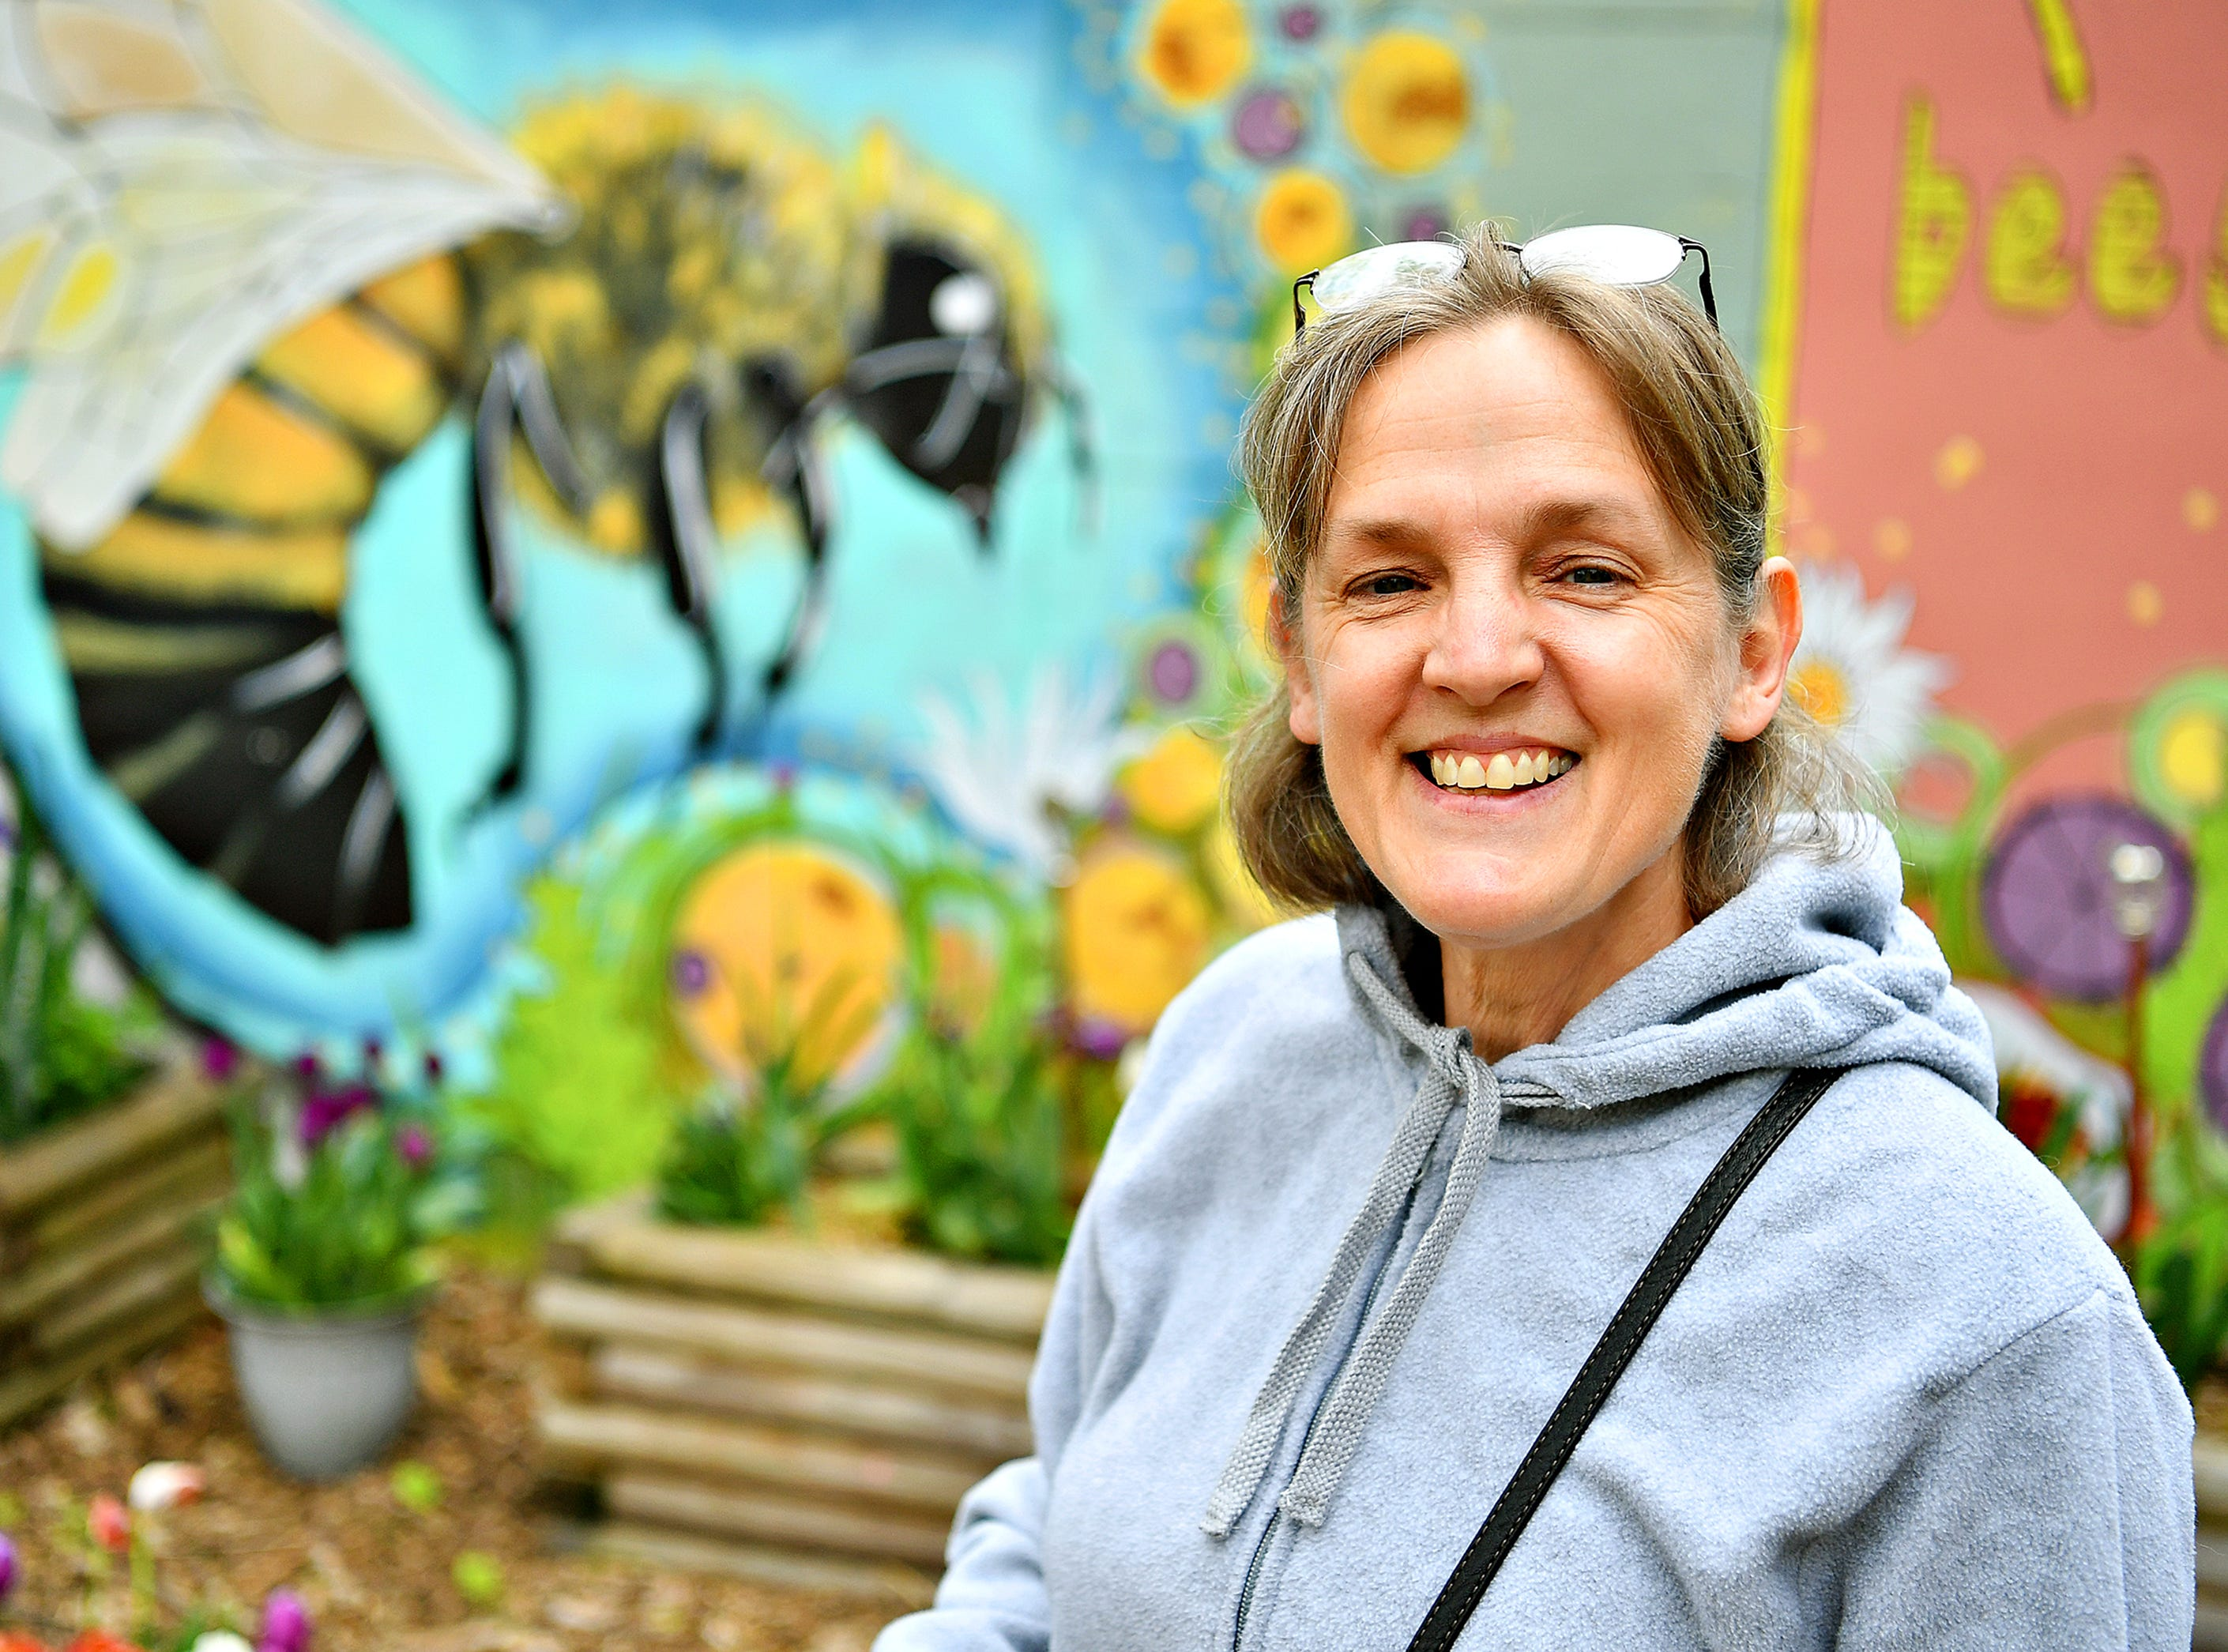 Urban Gardner Annalisa Gojmerac, of Jackson Township, at Royal Square Garden in York City, Wednesday, May 1, 2019. Dawn J. Sagert photo